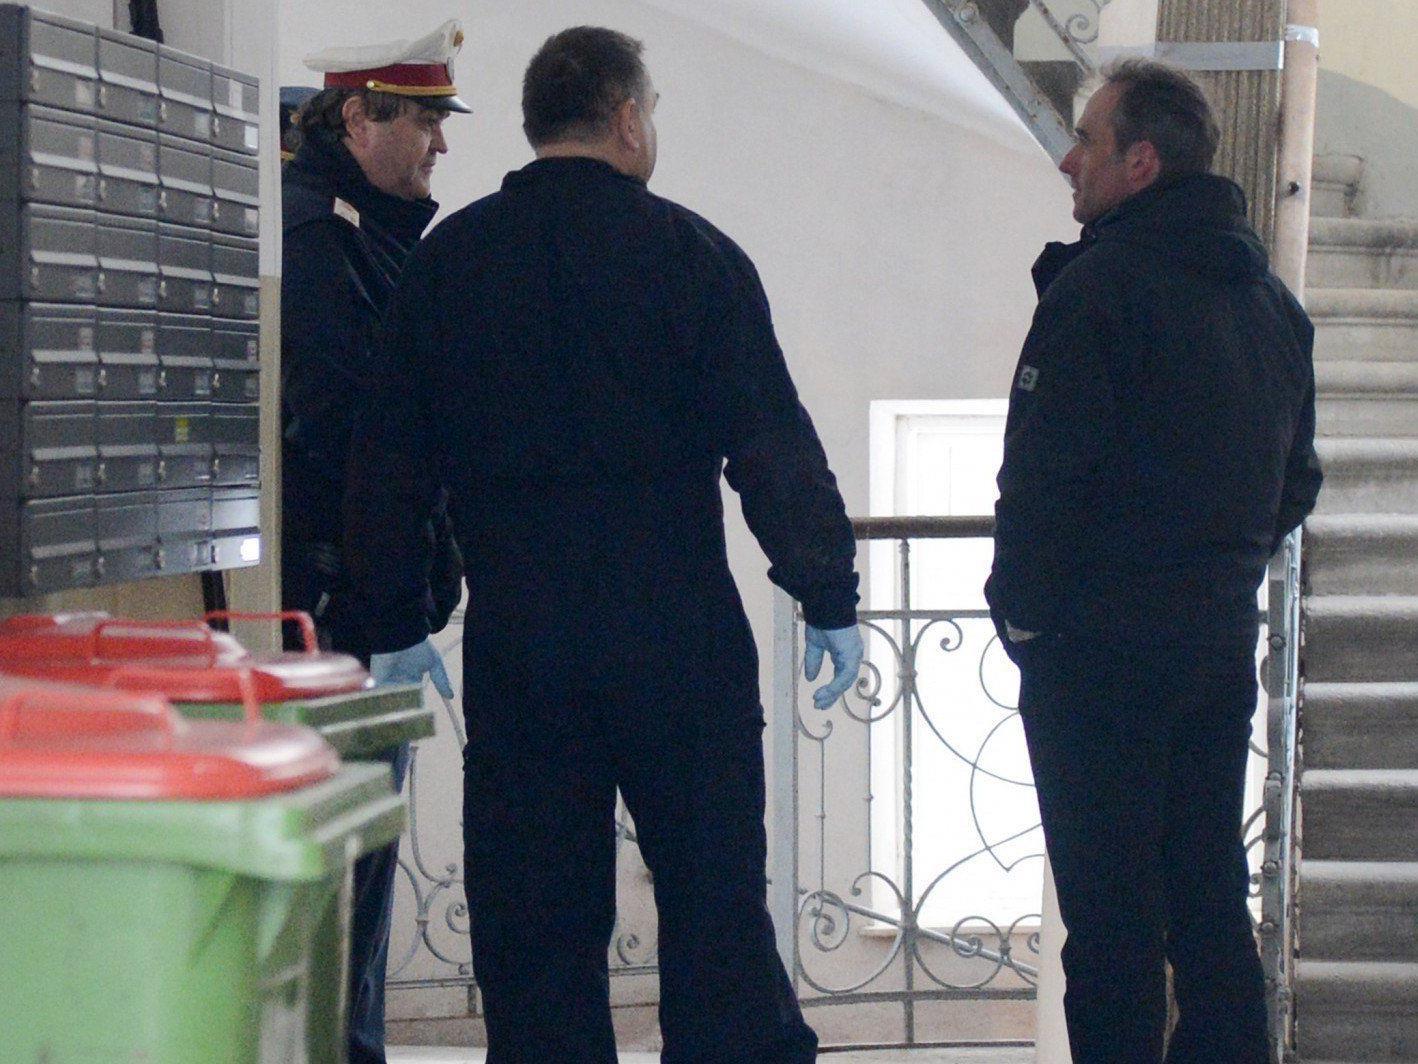 Mann verlor bei Explosion Hand: Ermittlungen dauern an